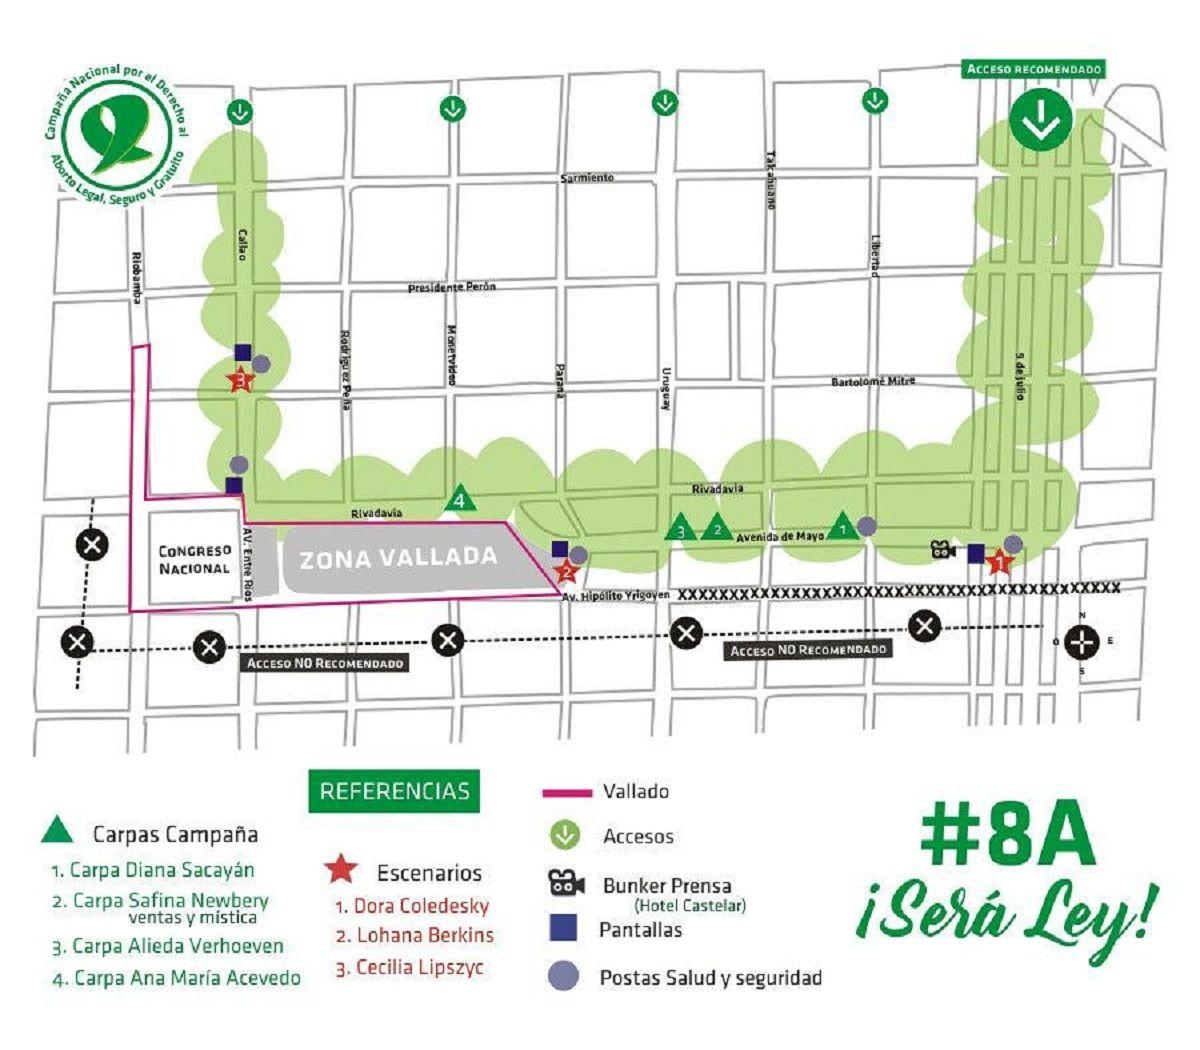 {altText(Plano de Plaza del Congreso durante el #8A<br>,Manifestantes por el derecho al aborto difunden un mapa para ir al Congreso y protestan por el excesivo vallado)}